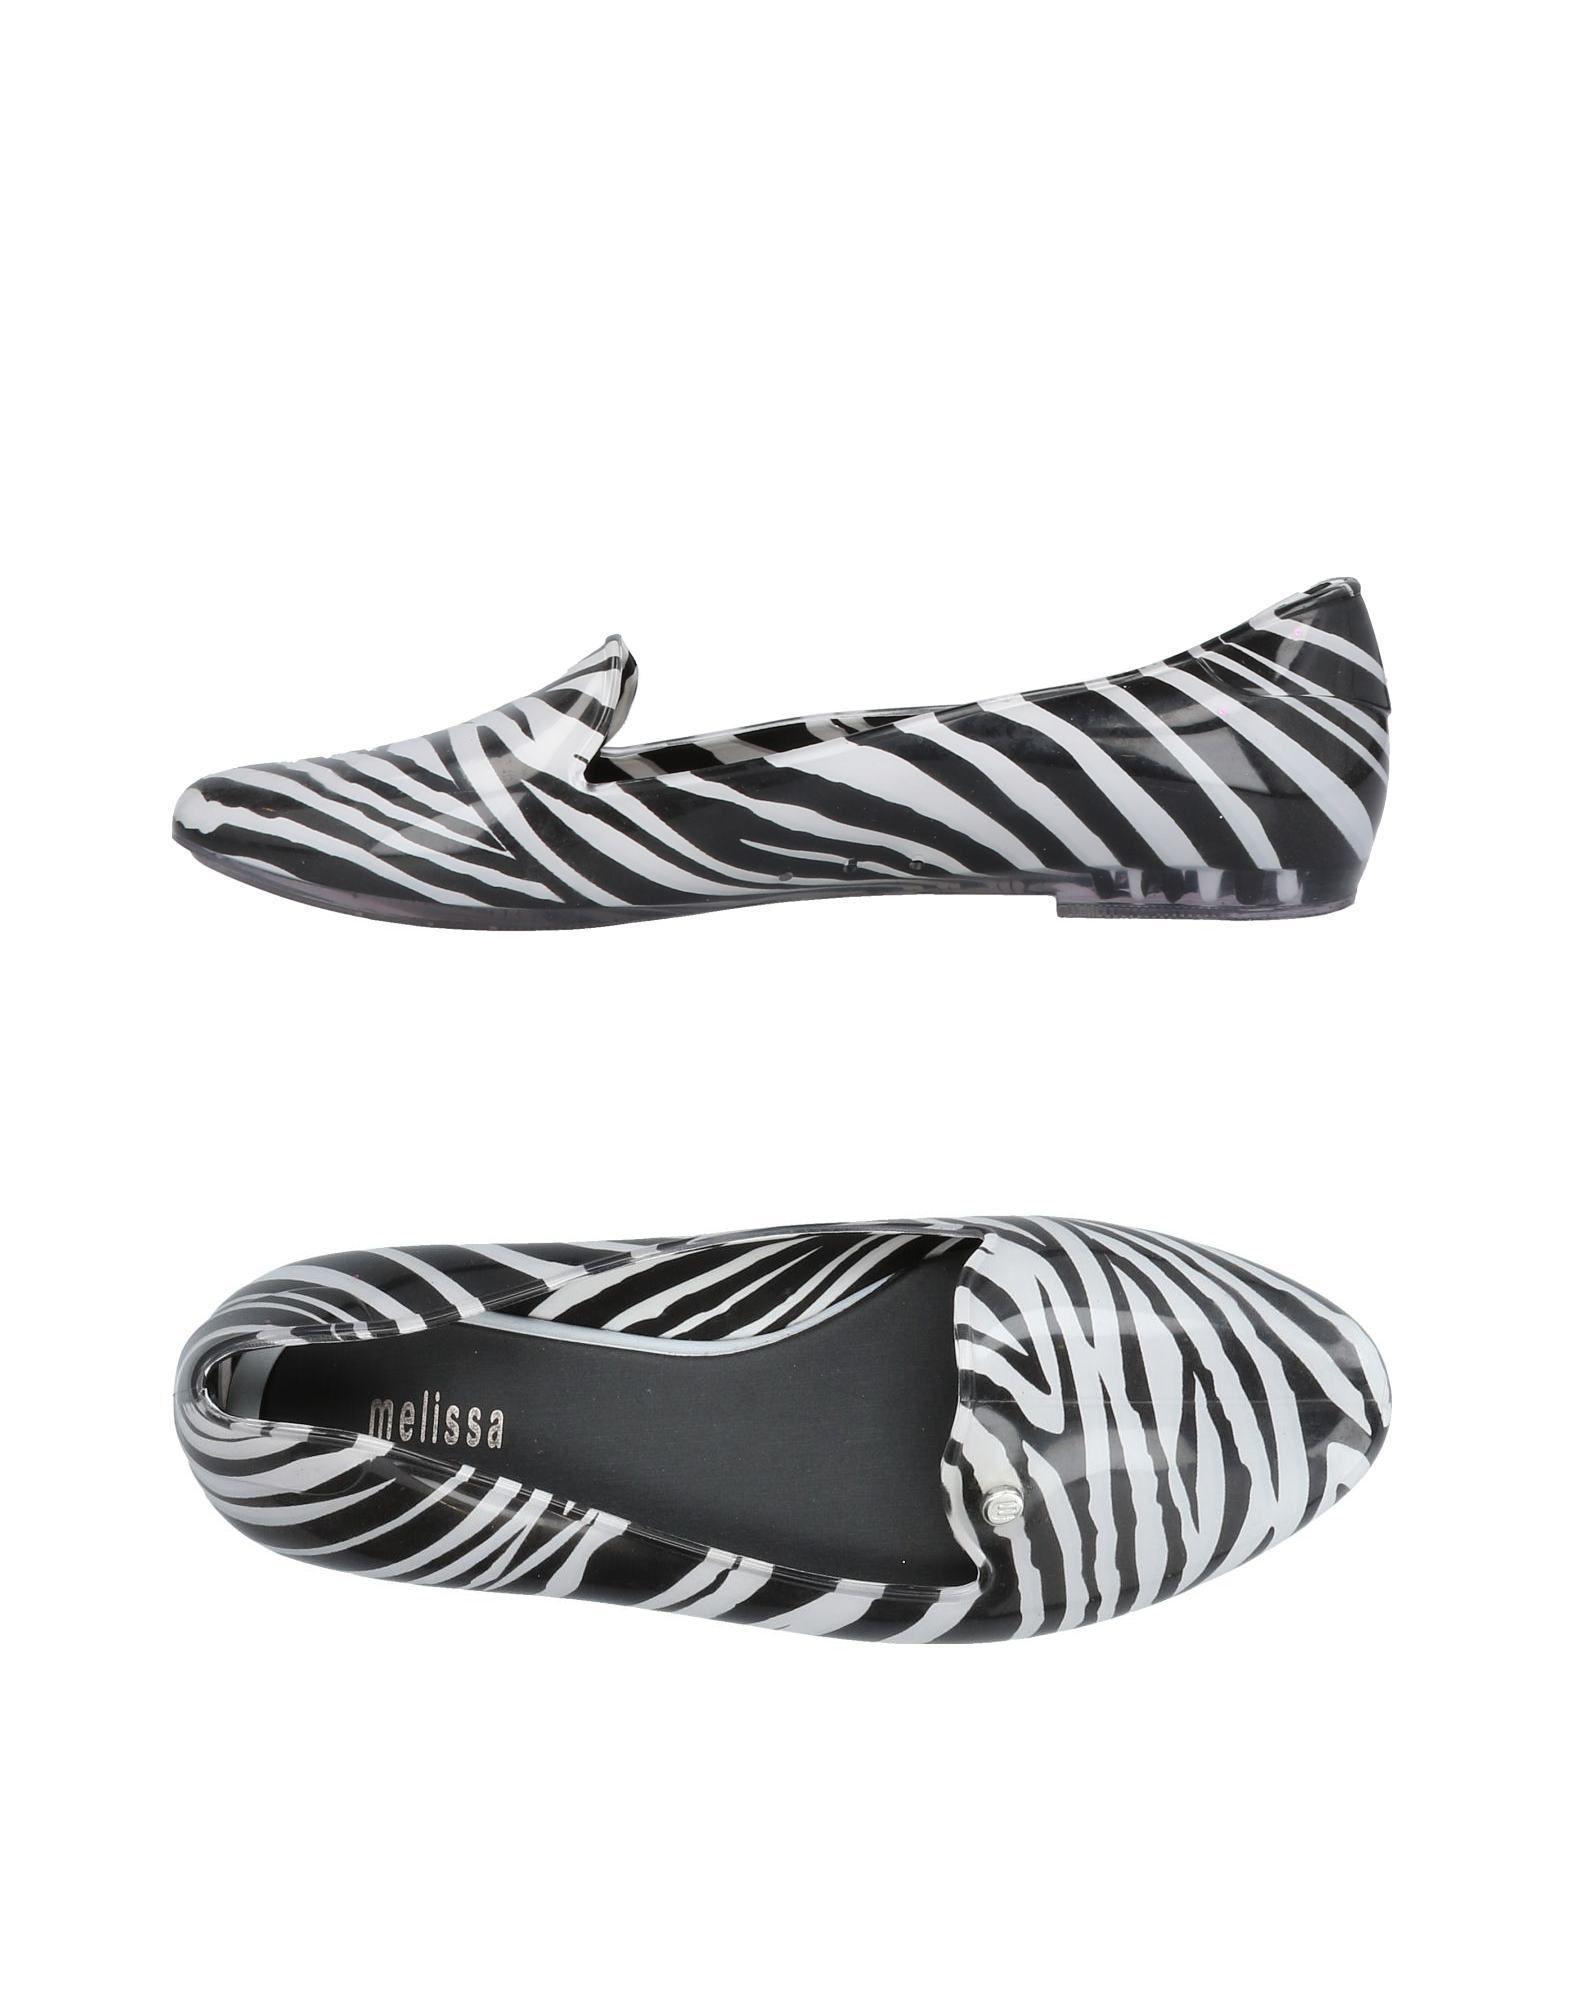 Melissa Mokassins Damen  11419805HL Gute Qualität beliebte Schuhe